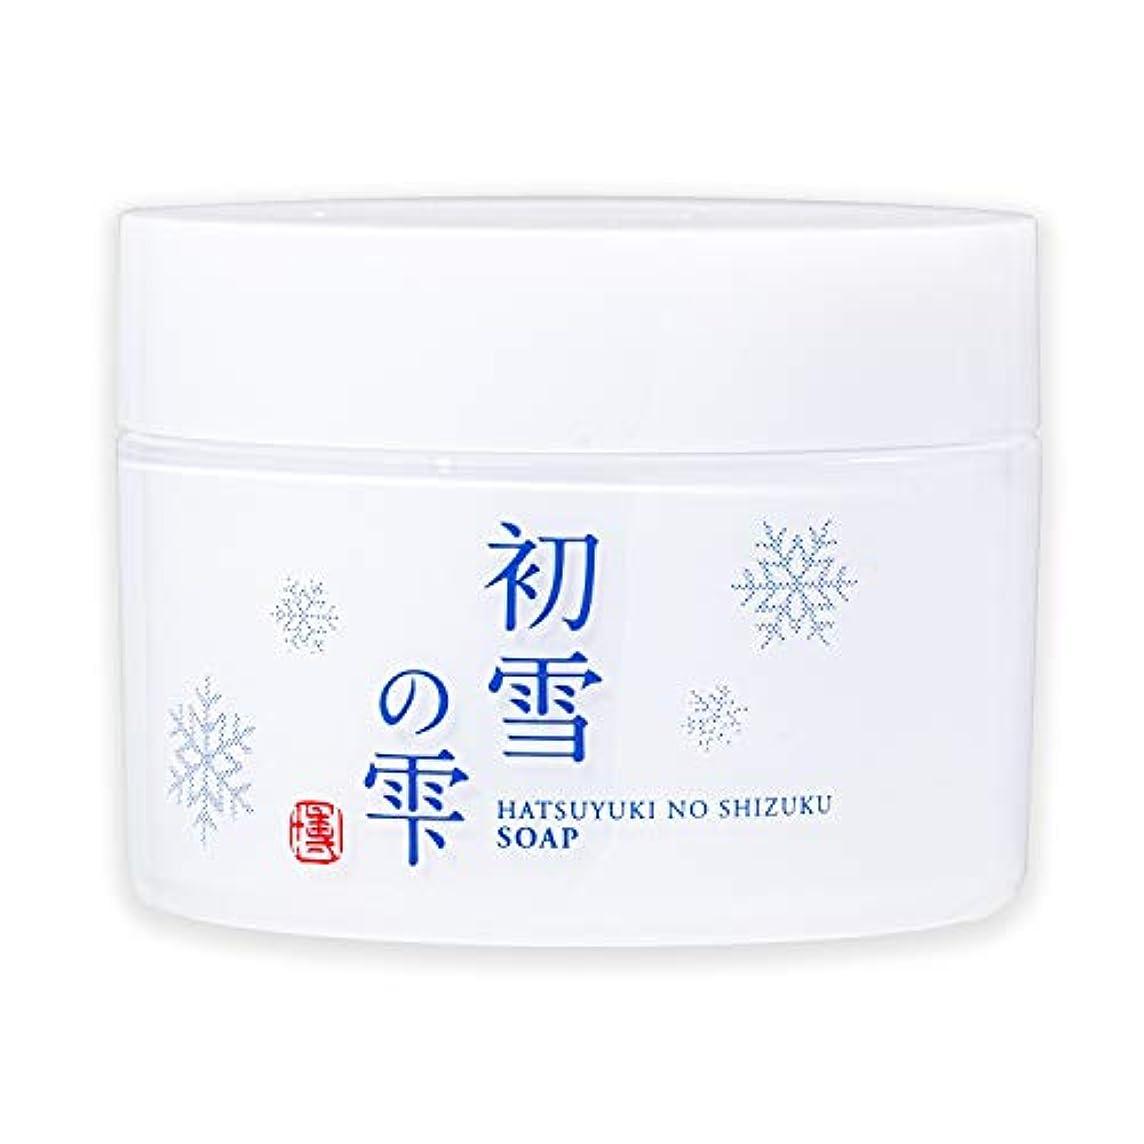 パラメータメタルラインまっすぐ初雪の雫 泡 洗顔 練り せっけん ジャータイプ 105g 約1~1.5ヶ月分 [プラセンタ ヒアルロン酸 セラミド ビタミンC ]